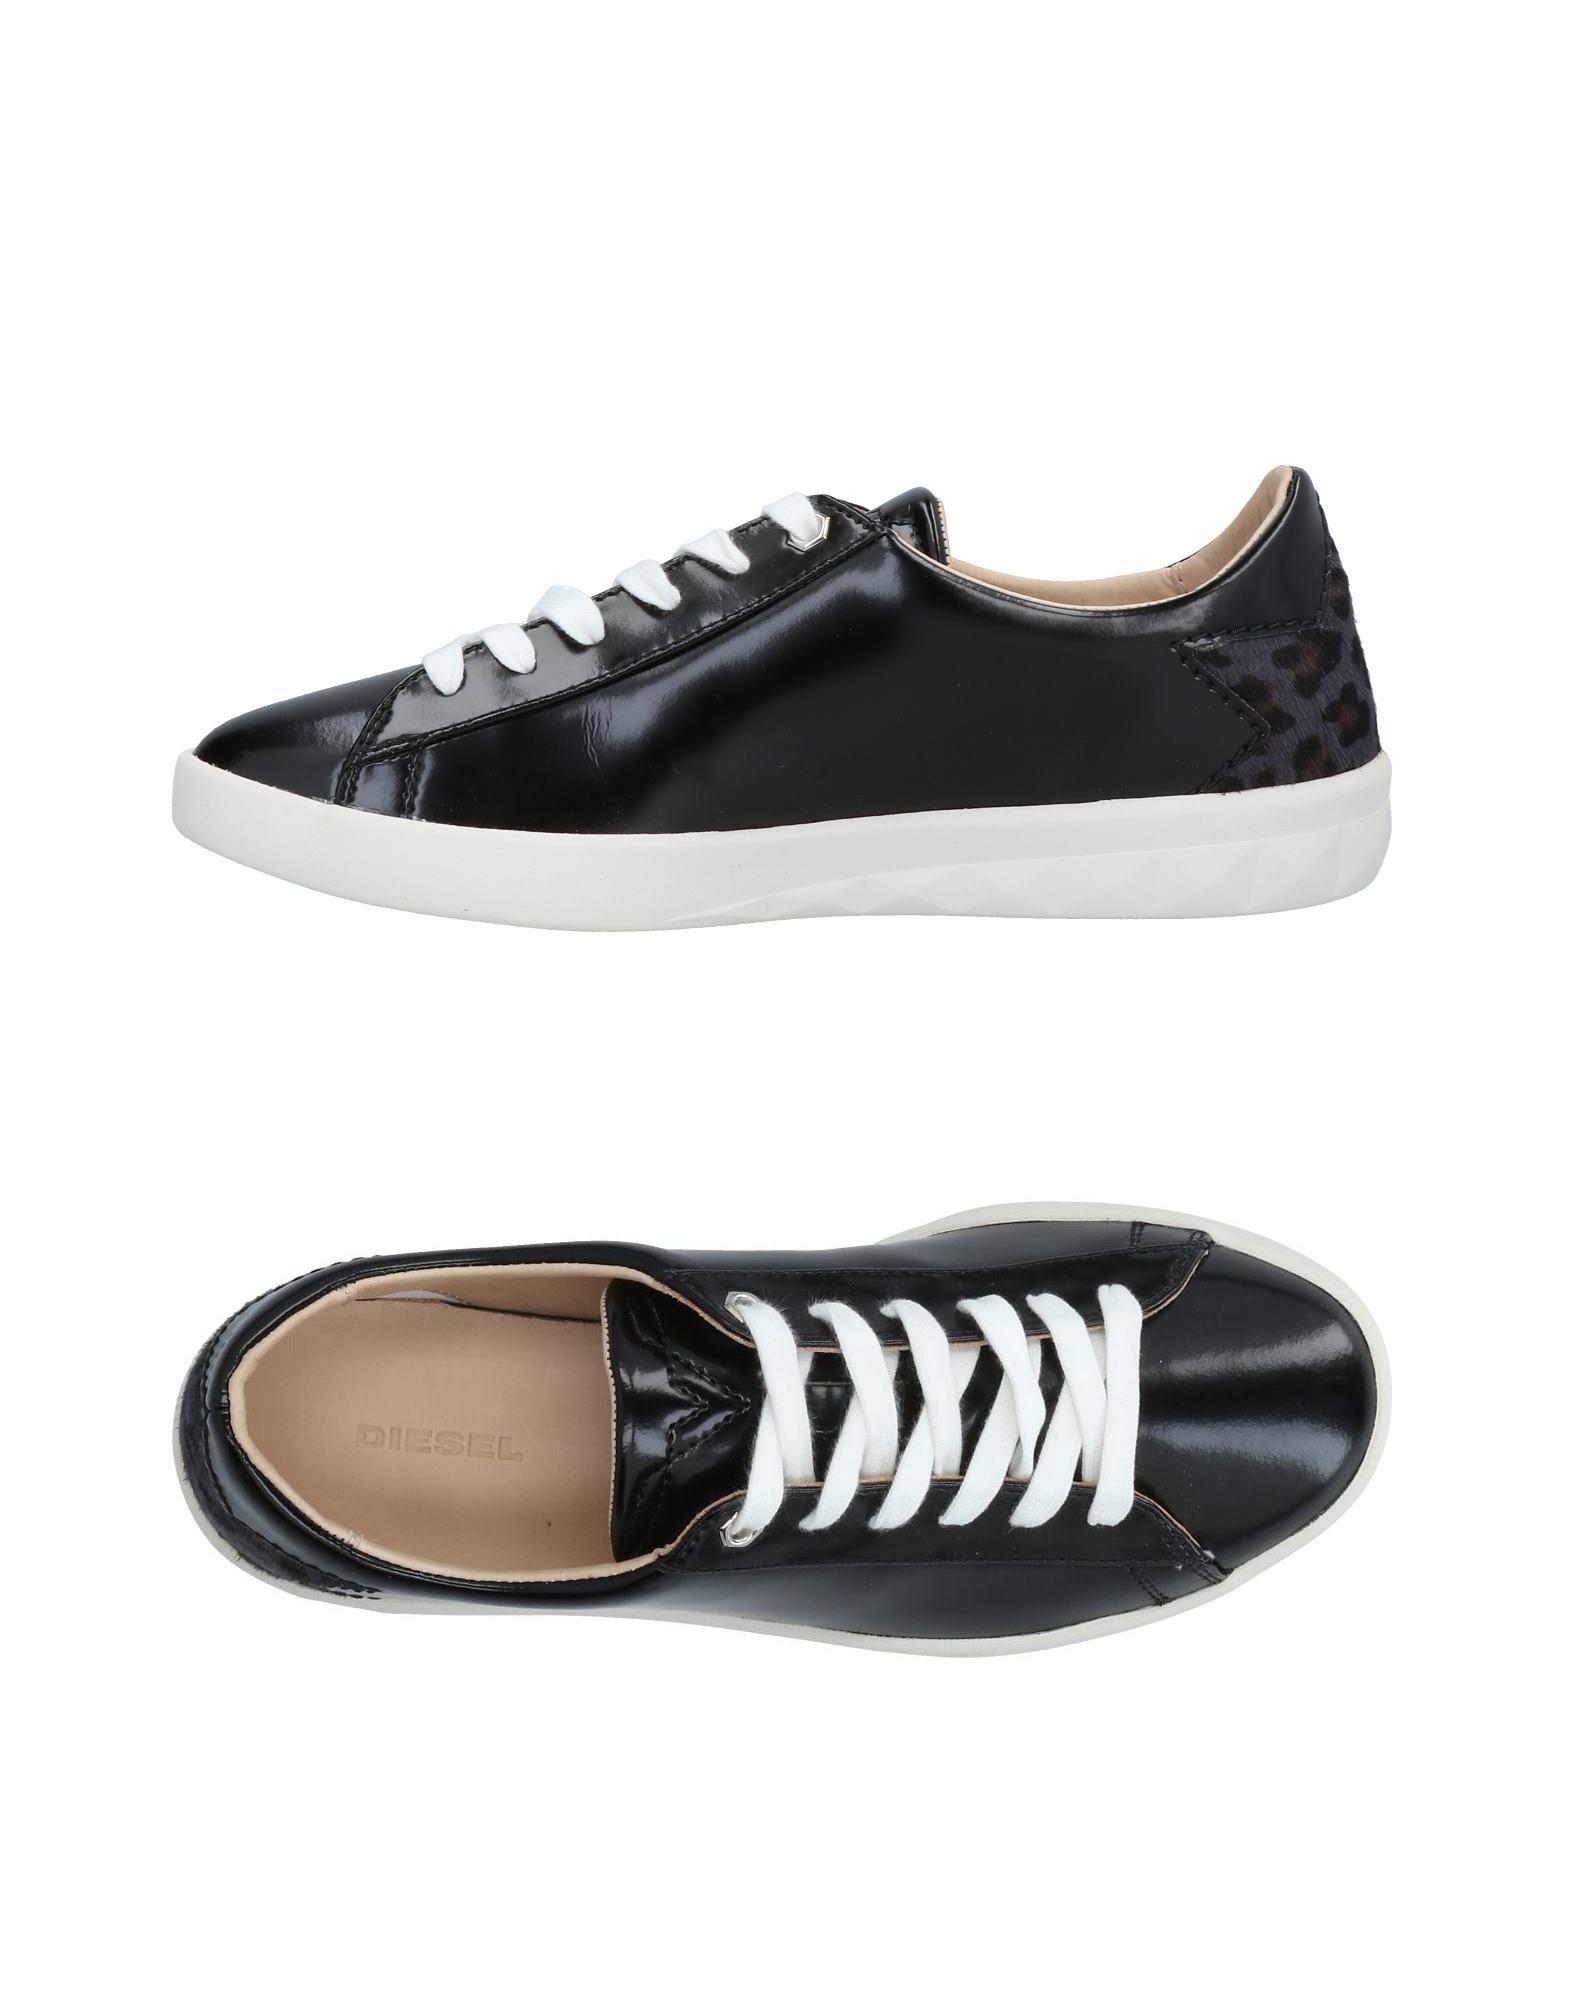 Diesel Sneakers Damen  11491458PR Gute Qualität beliebte Schuhe